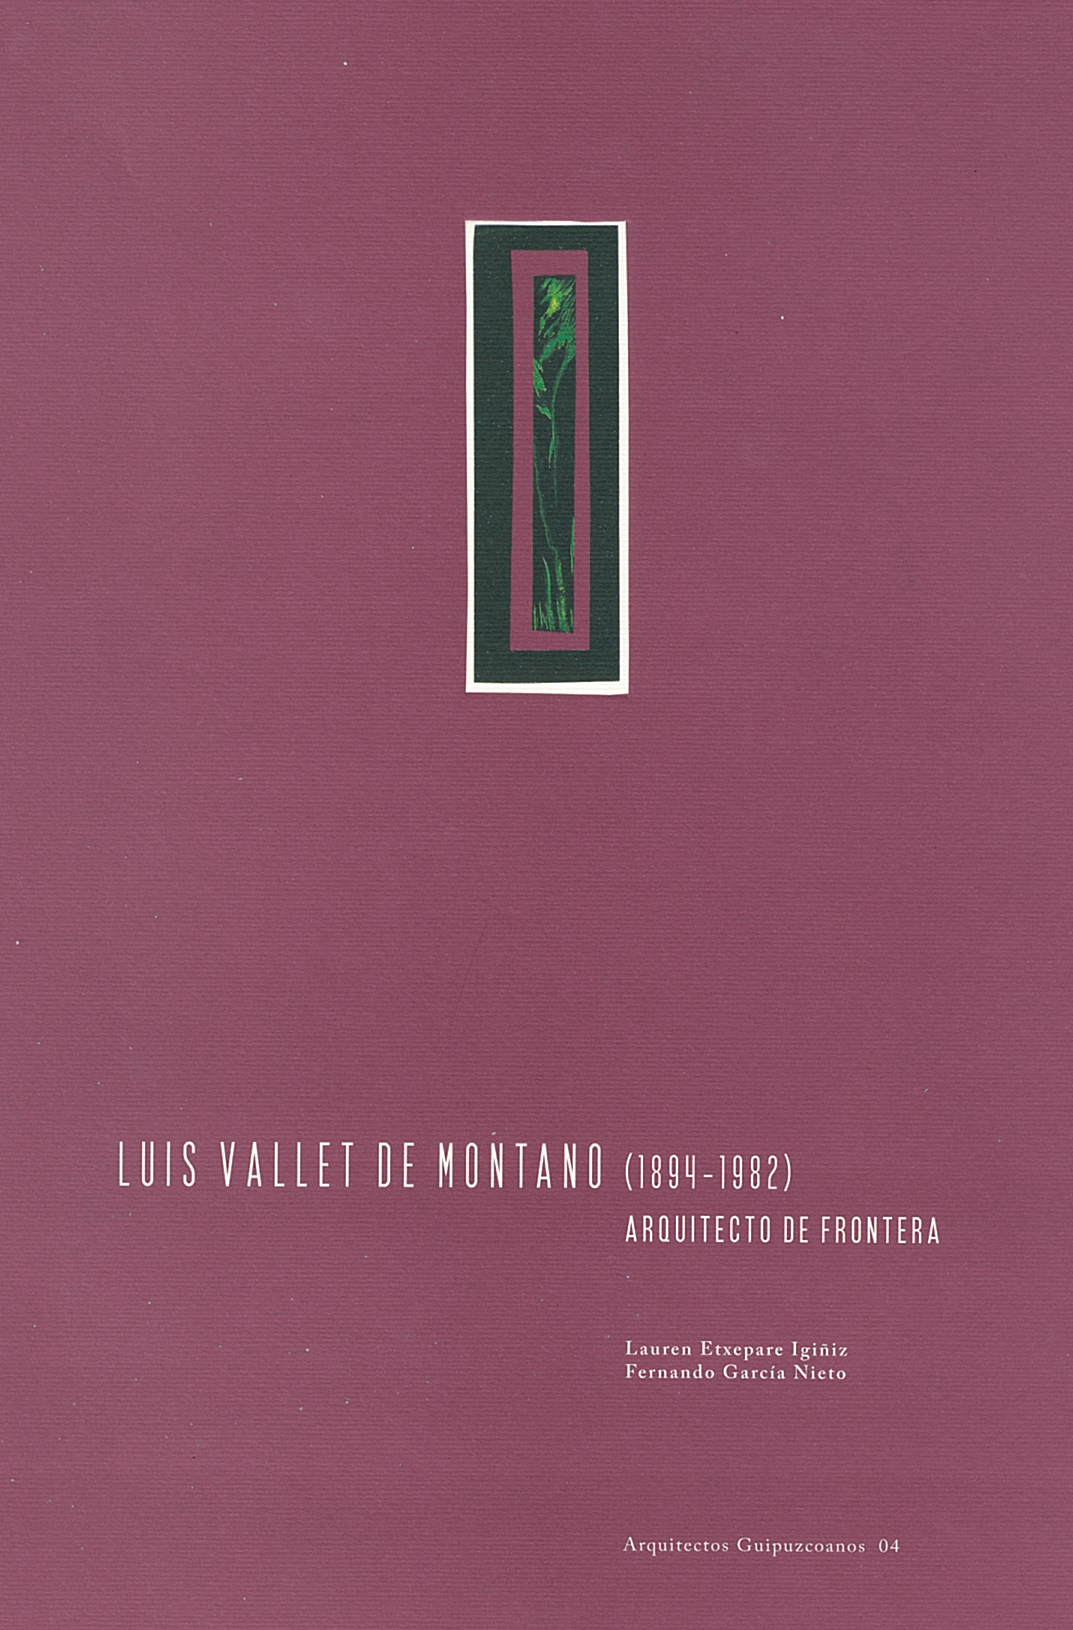 Luis Vallet de Montano (1894-1982). Arquitecto de frontera